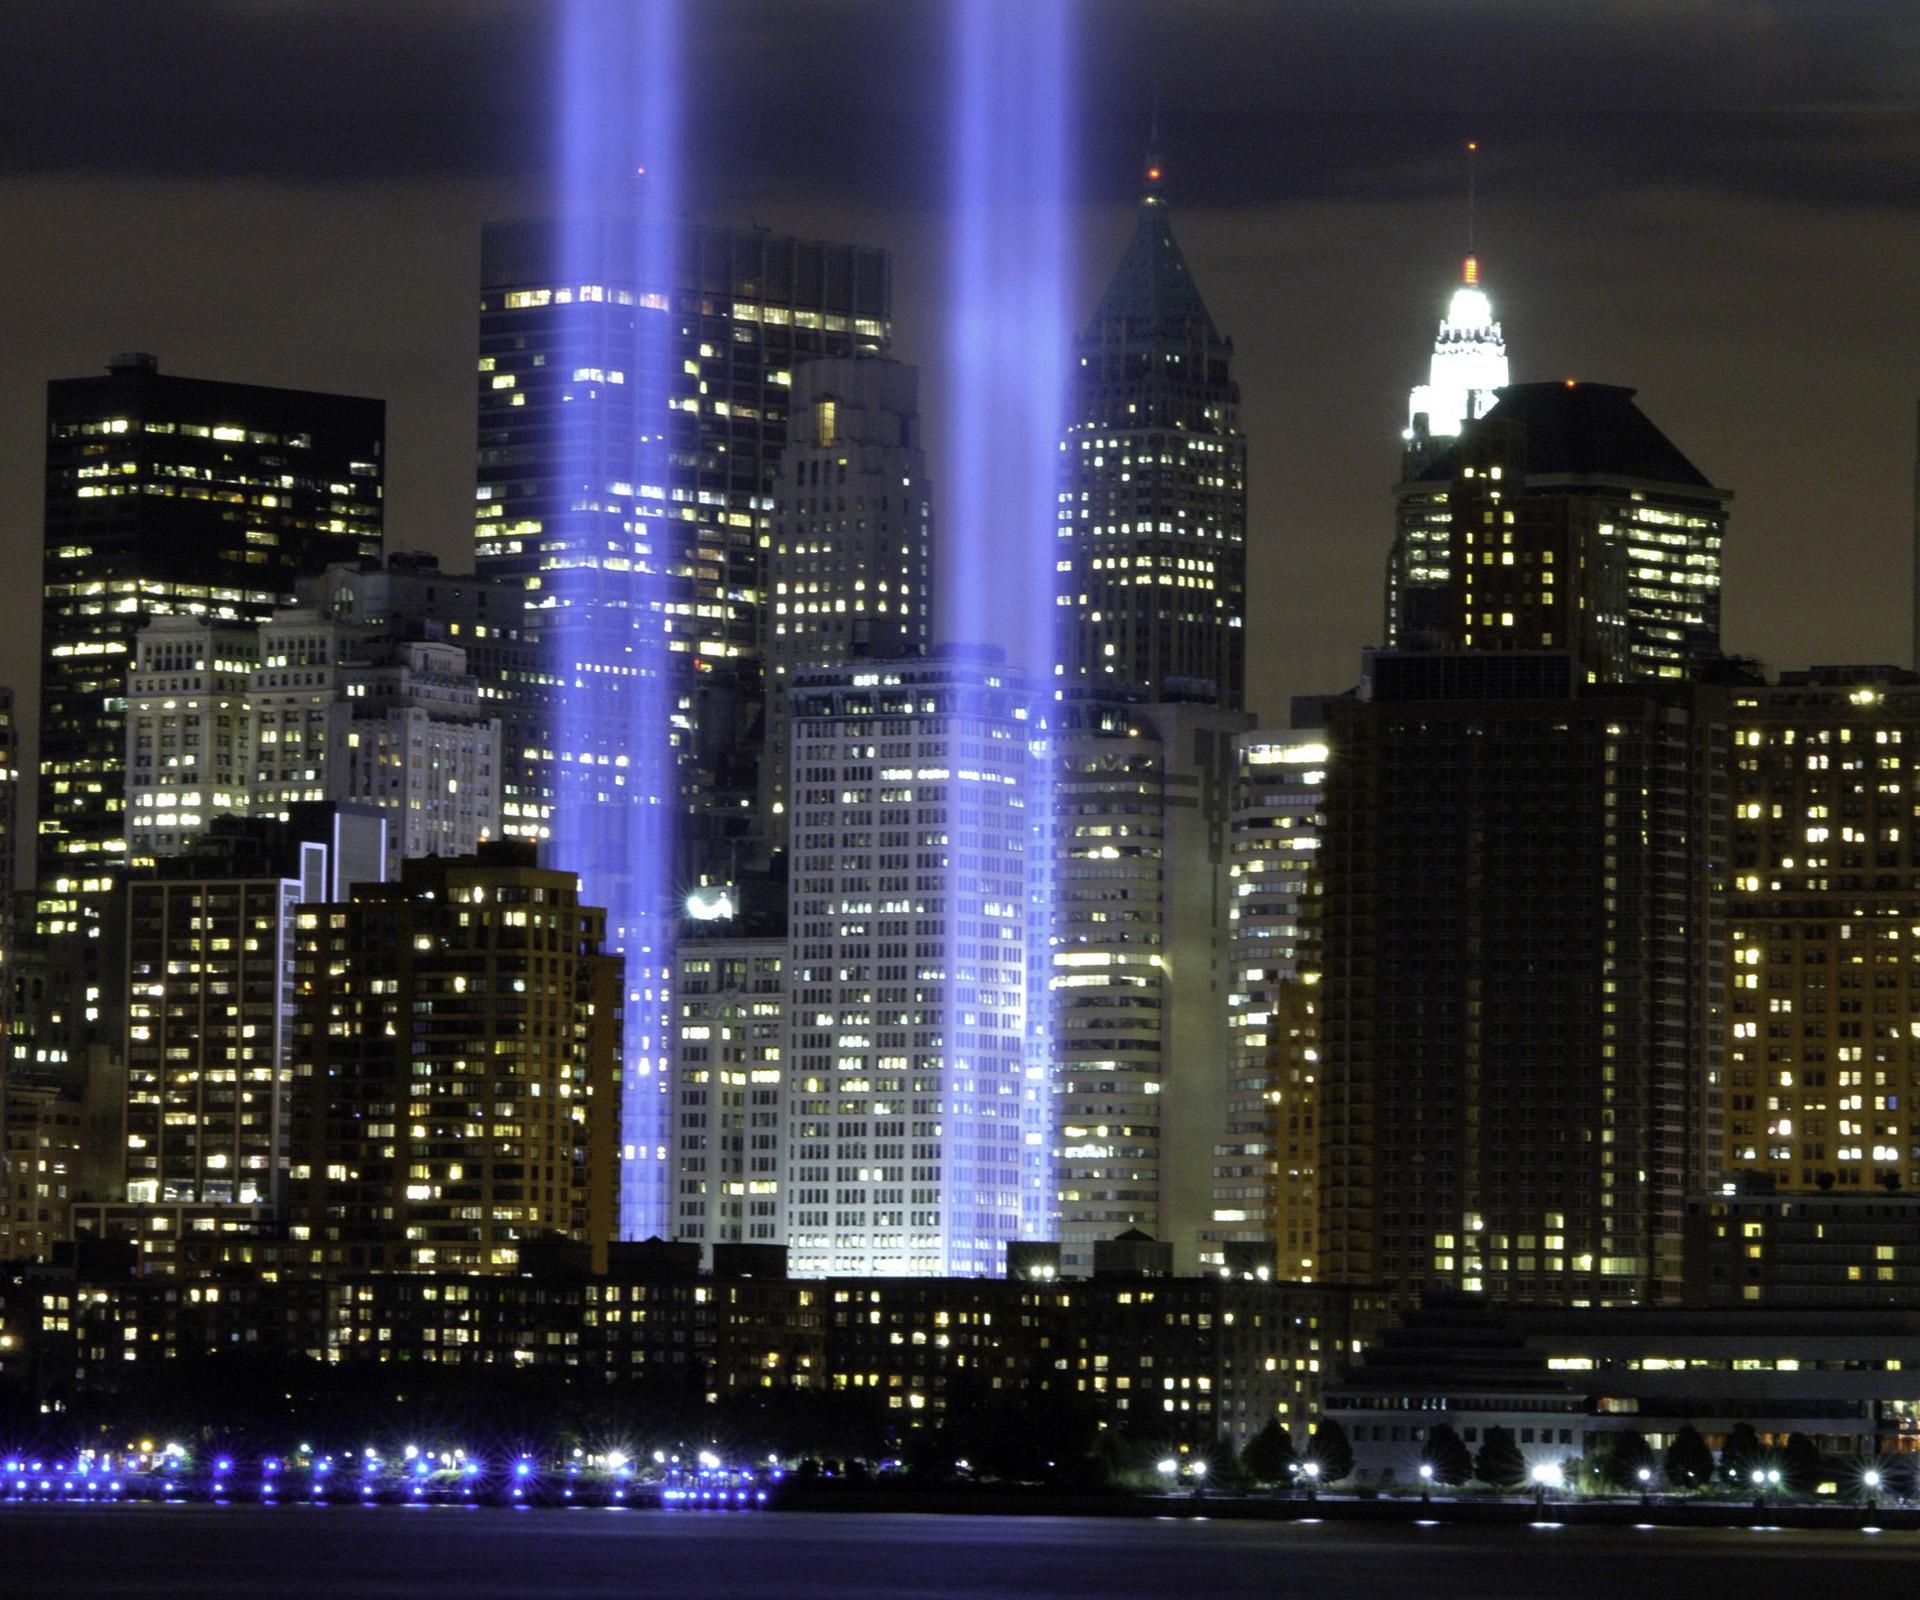 Tribute-In-Light-National-September-11-Memorial-Museum-New-York